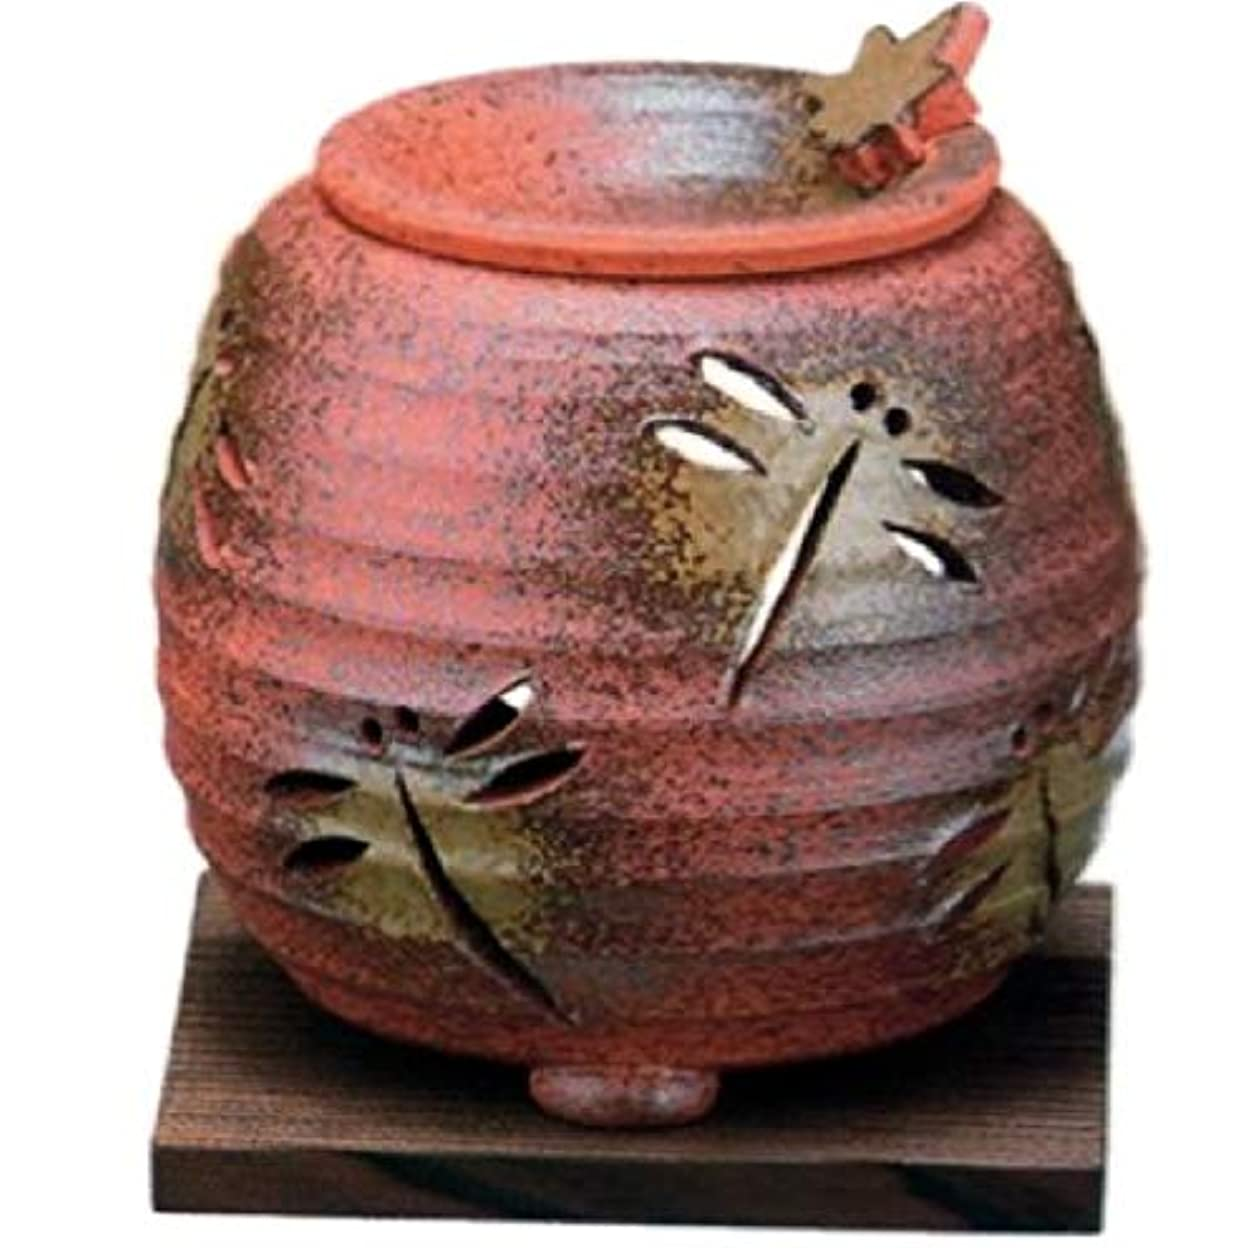 スカーフ電話に出る文明化常滑焼 3-830 石龍焼〆千段トンボ茶香炉 石龍φ11×H11㎝